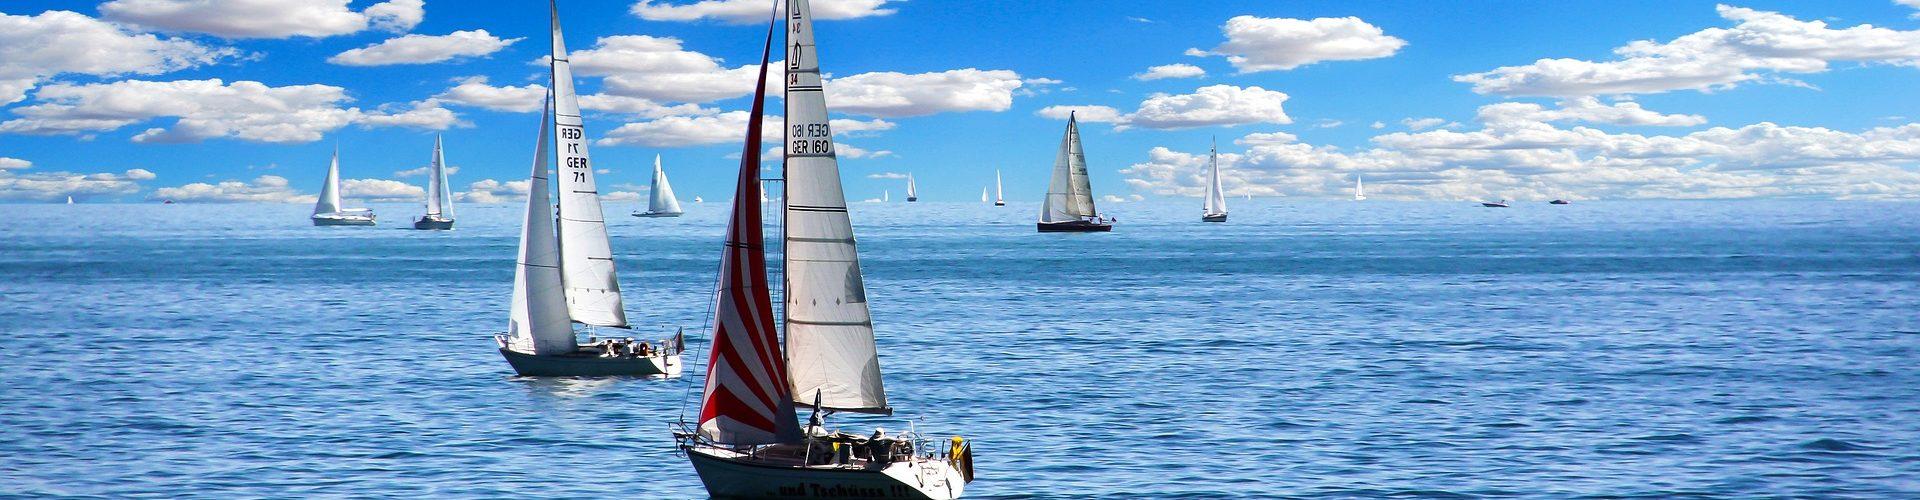 segeln lernen in Frankfurt Oder segelschein machen in Frankfurt Oder 1920x500 - Segeln lernen in Frankfurt (Oder)